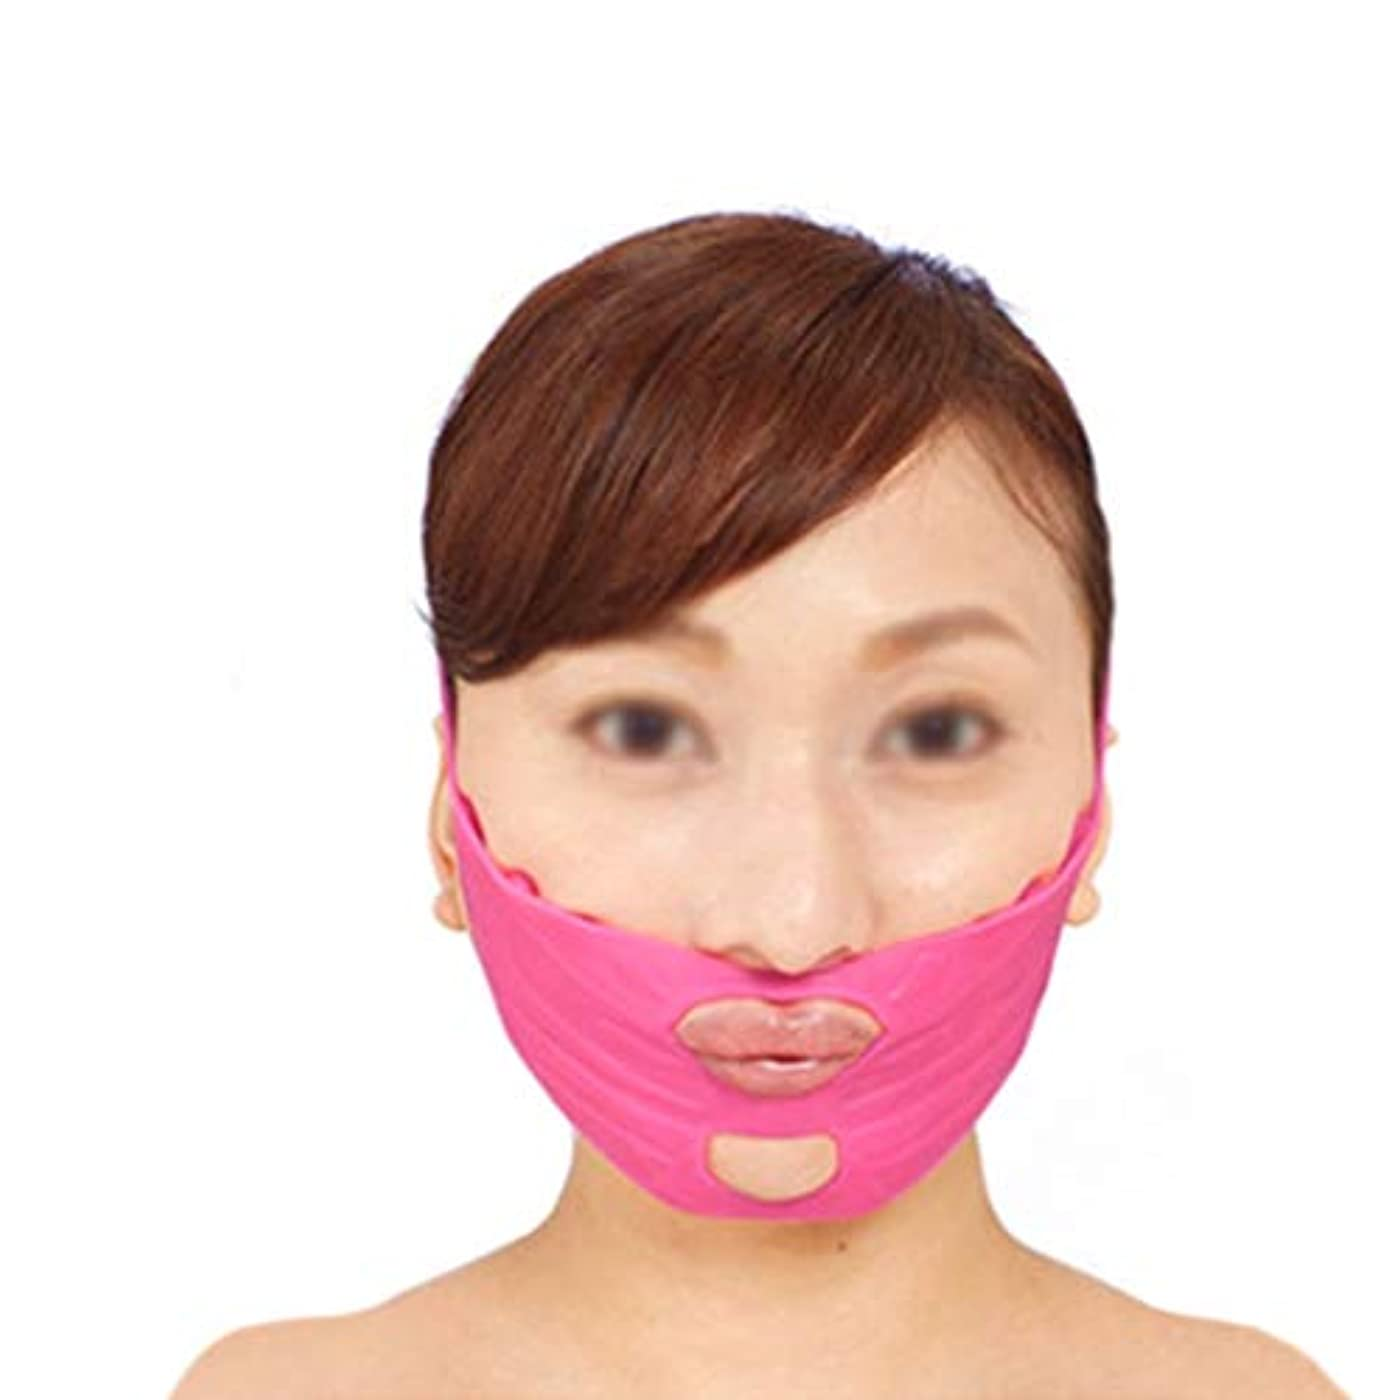 ぬいぐるみ下着トムオードリースフェイスストラップ付きマスク、プルアップフェイスマスク、フェイスリフティングマスク、フェイス締め付け包帯、フェイスリフティング包帯、フェイスバンドを持ち上げて二重あごを減らす(ピンク、ワンサイズ)